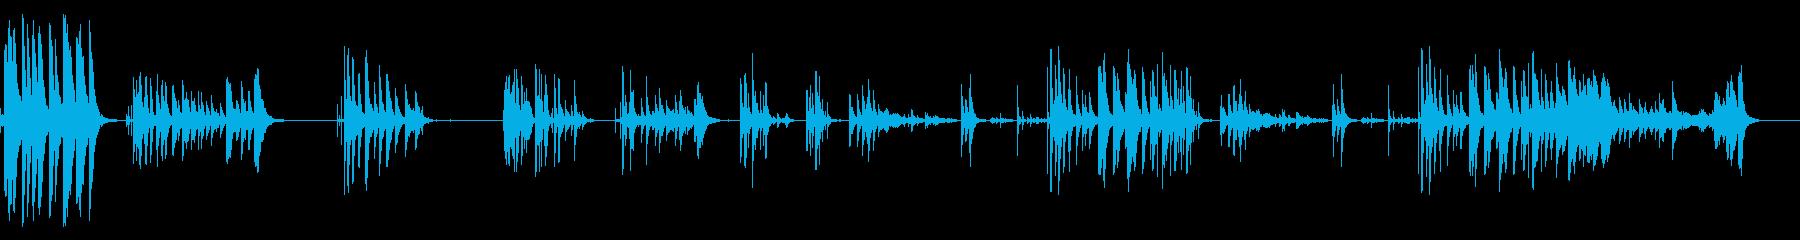 電磁衝突の再生済みの波形